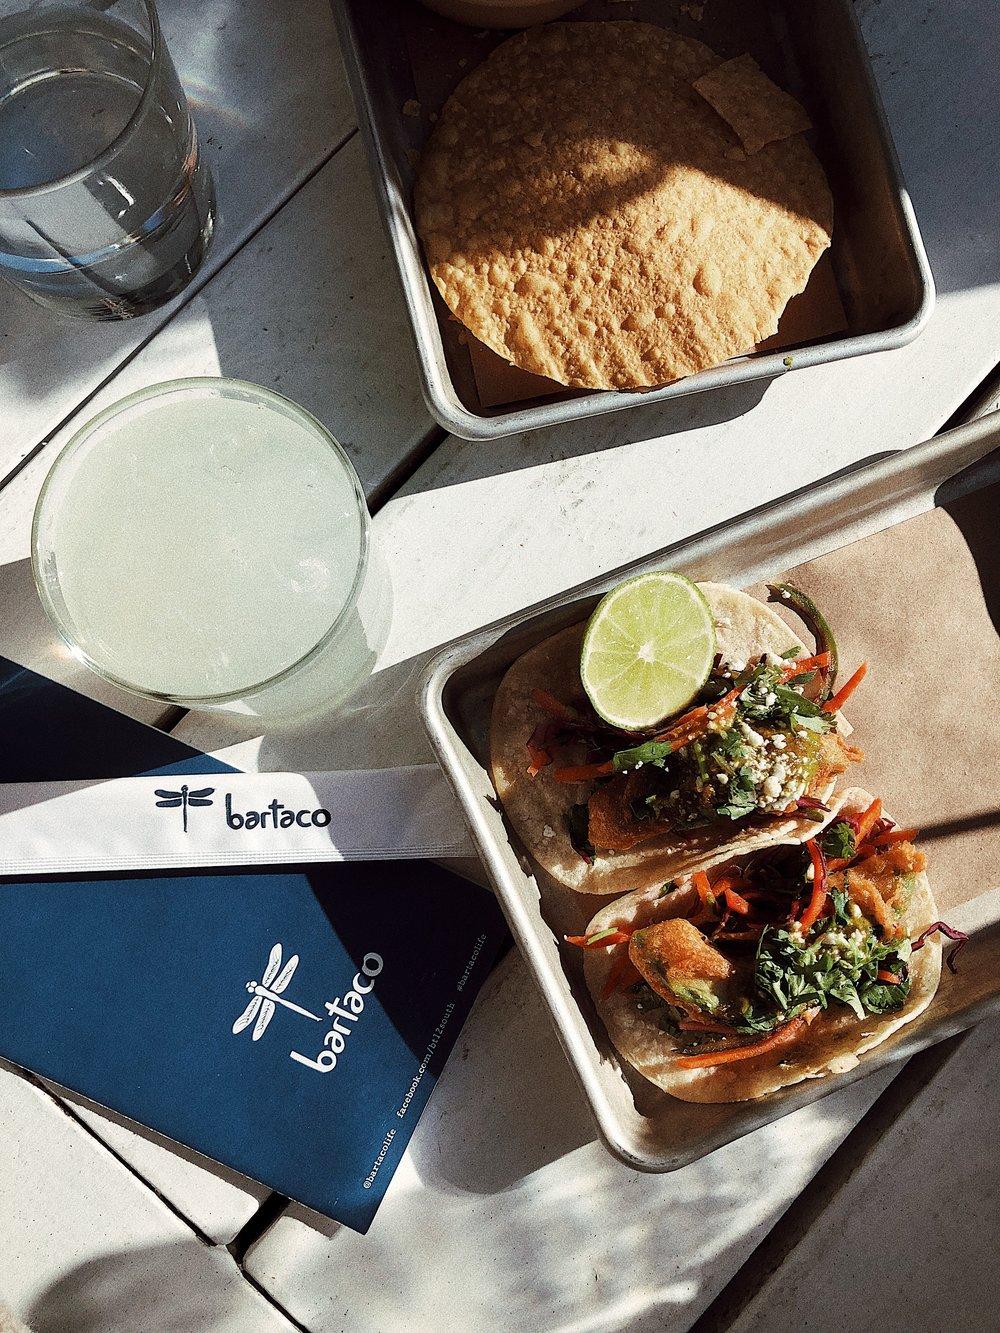 bar-taco-nashville-guide-bachelorette-itinerary-best-margaritas.JPG